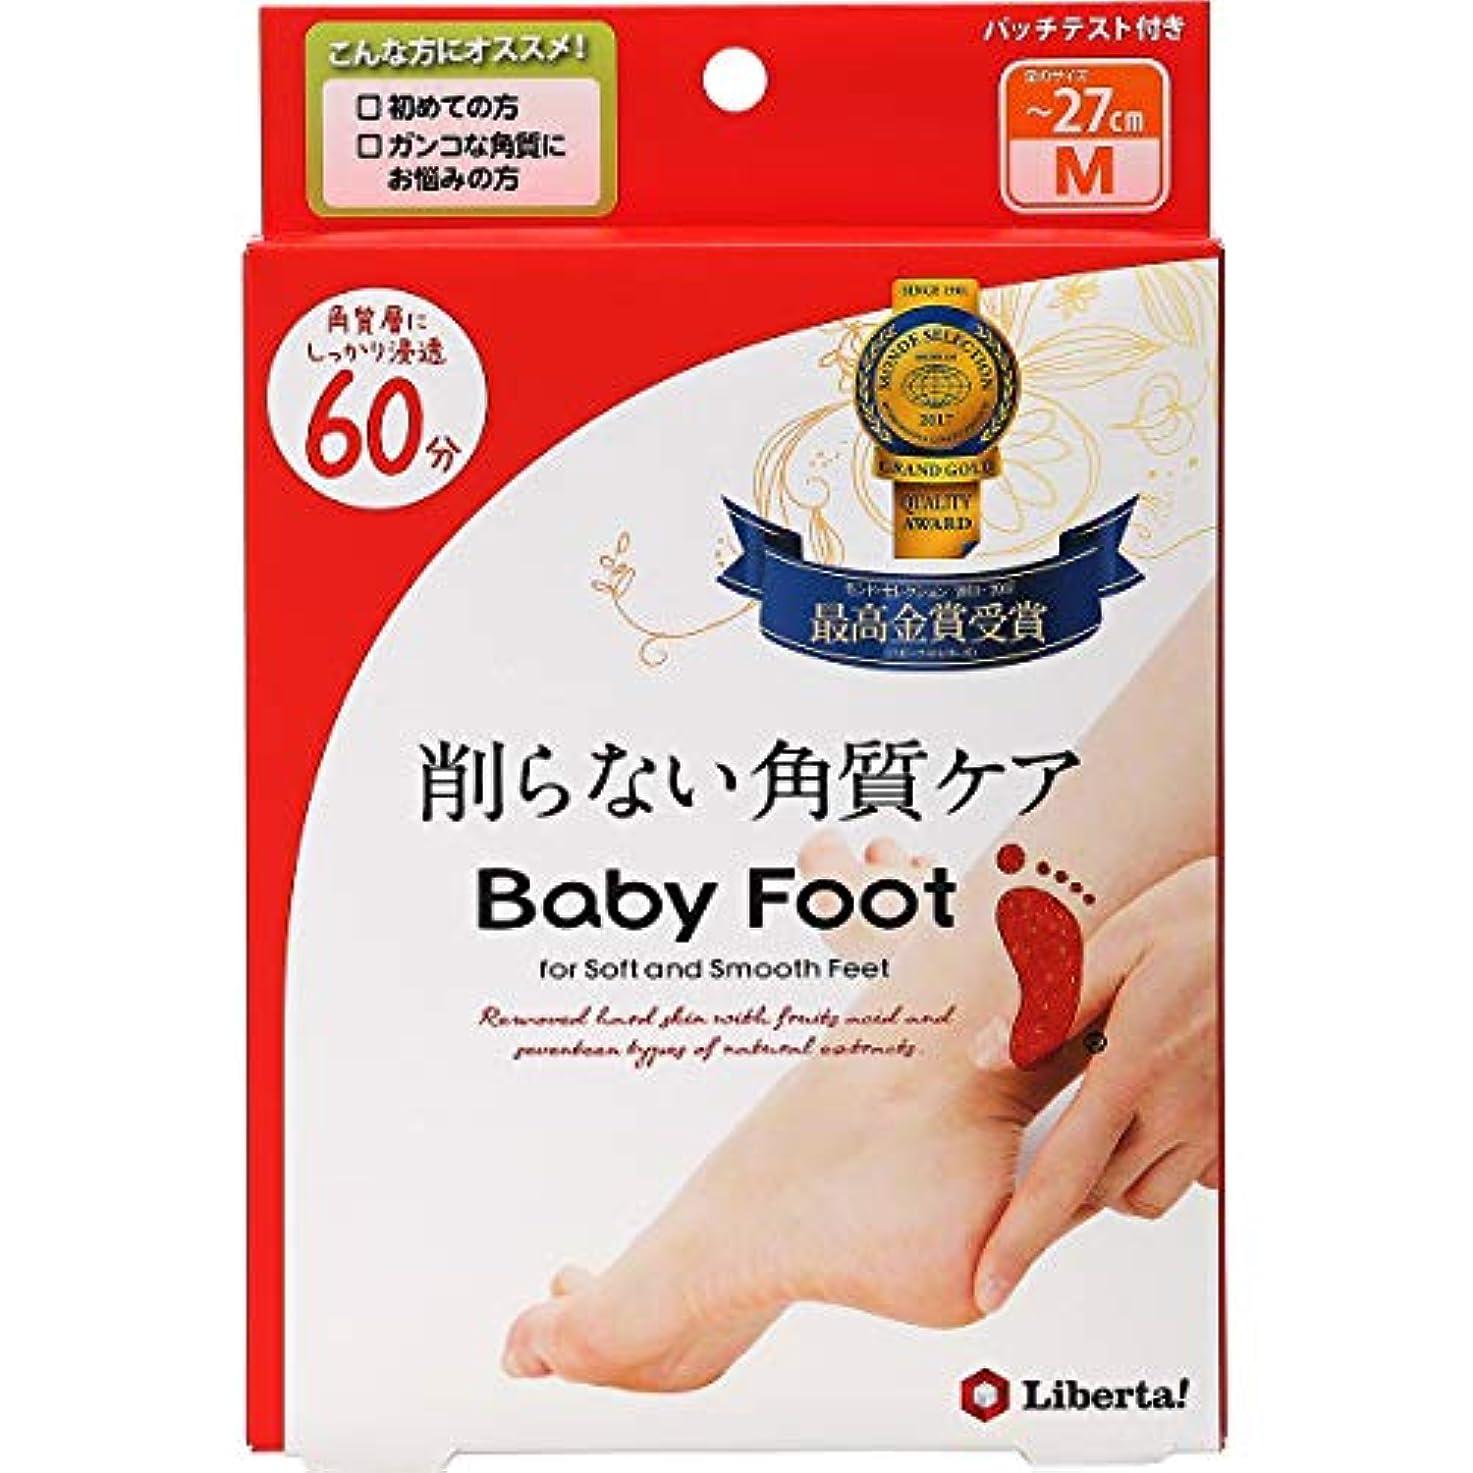 自分の知覚するアロングベビーフット (Baby Foot) ベビーフット イージーパック SPT60分タイプ Mサイズ 単品